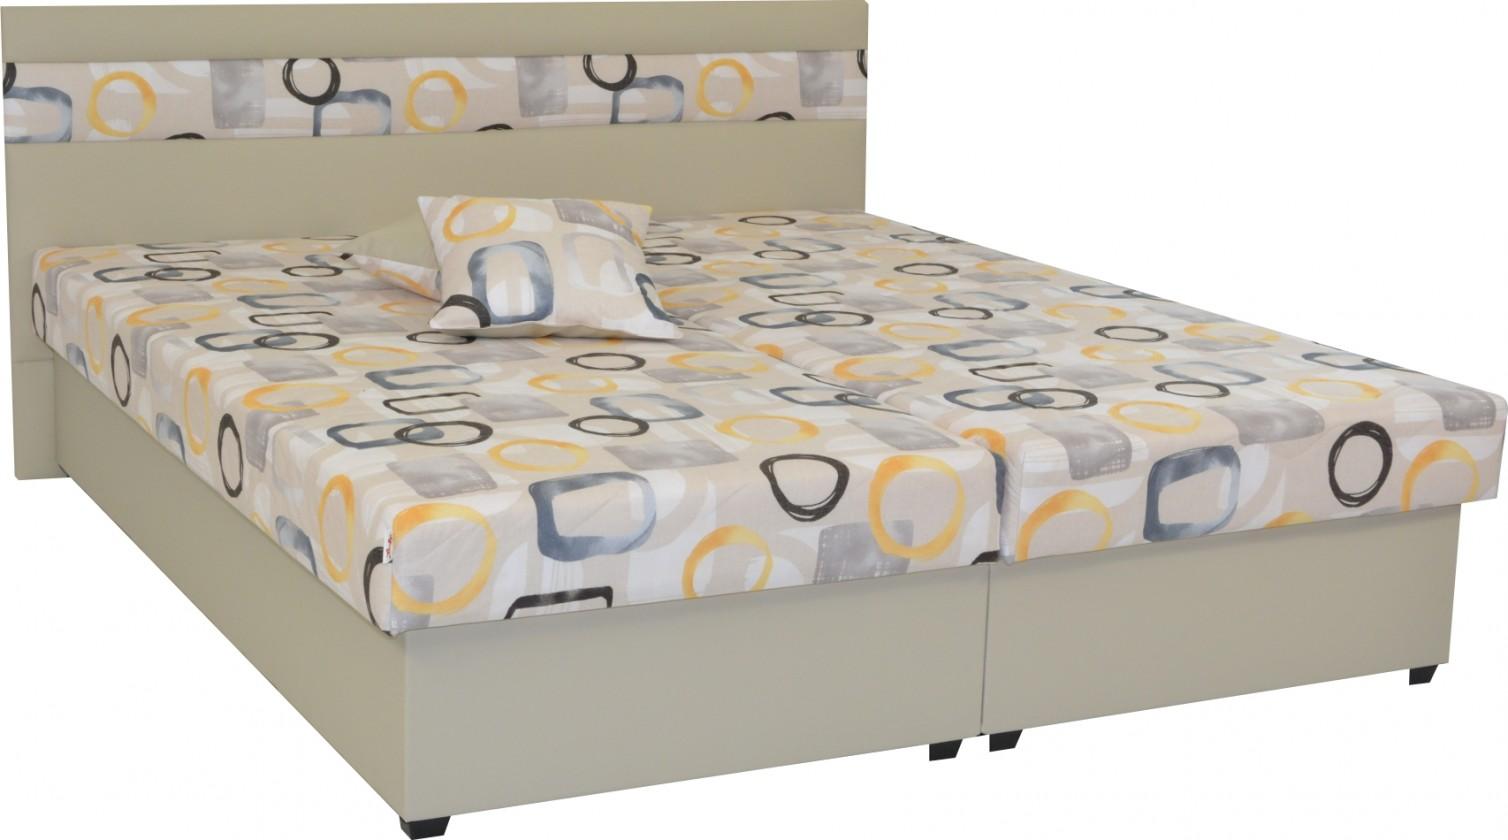 Čalouněné postele Čalouněná postel Mexico 160x200, béžová, včetně úp